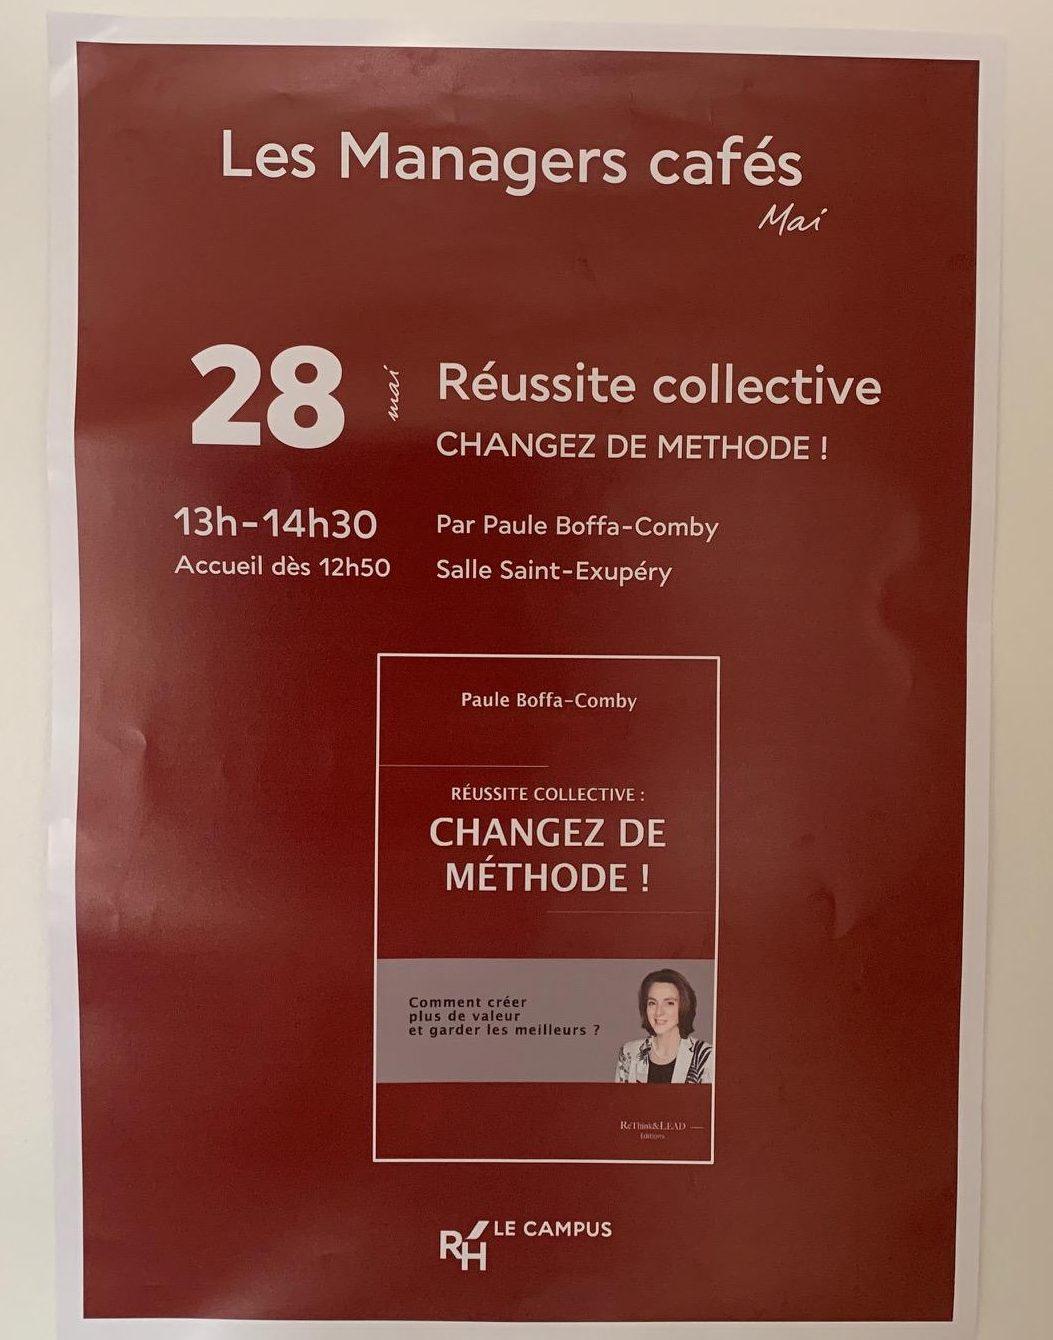 """Intervention de Paule Boffa-Comby, présidente de ReThink & LEAD, au concept """"Les Managers cafés"""" chez Air France, pour parler de son livre """"Réussite Collective - Changez de Méthode !"""""""